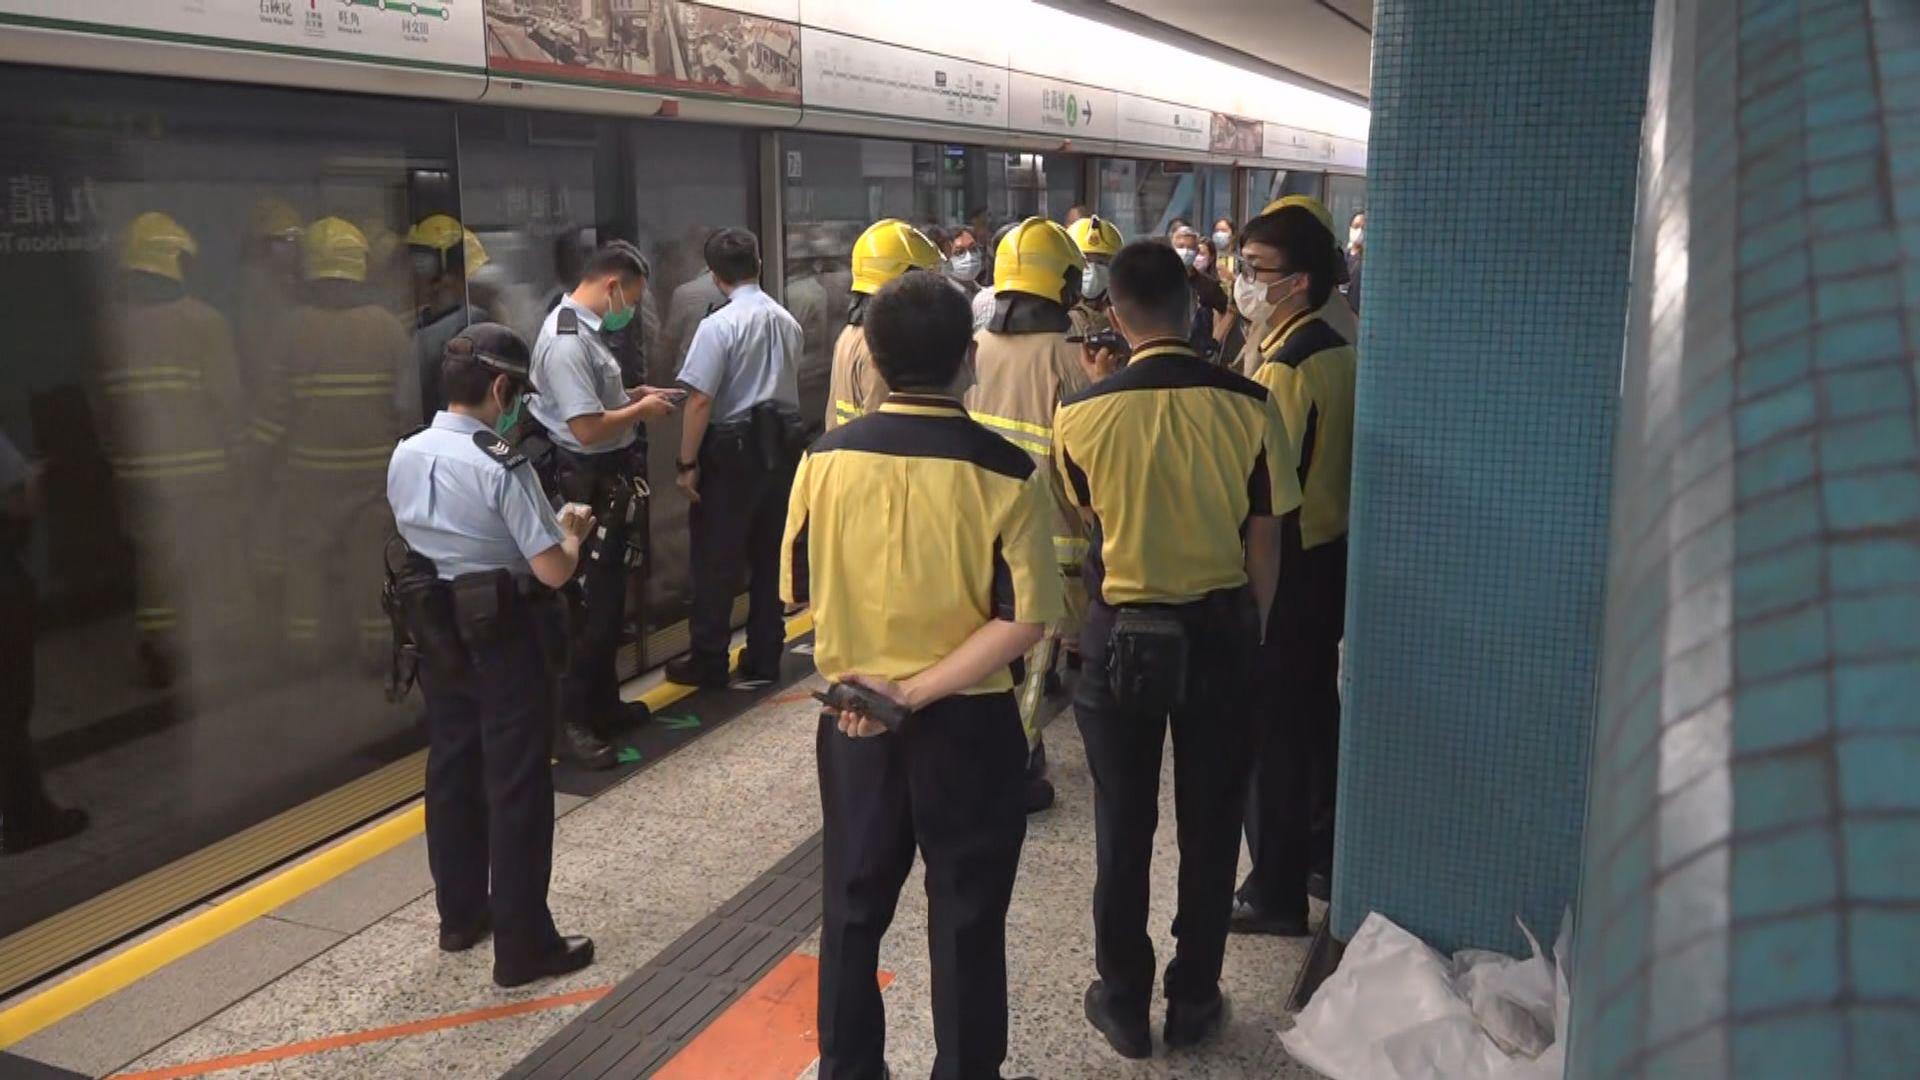 港鐵九龍塘站月台抽風機冒煙消防員到場